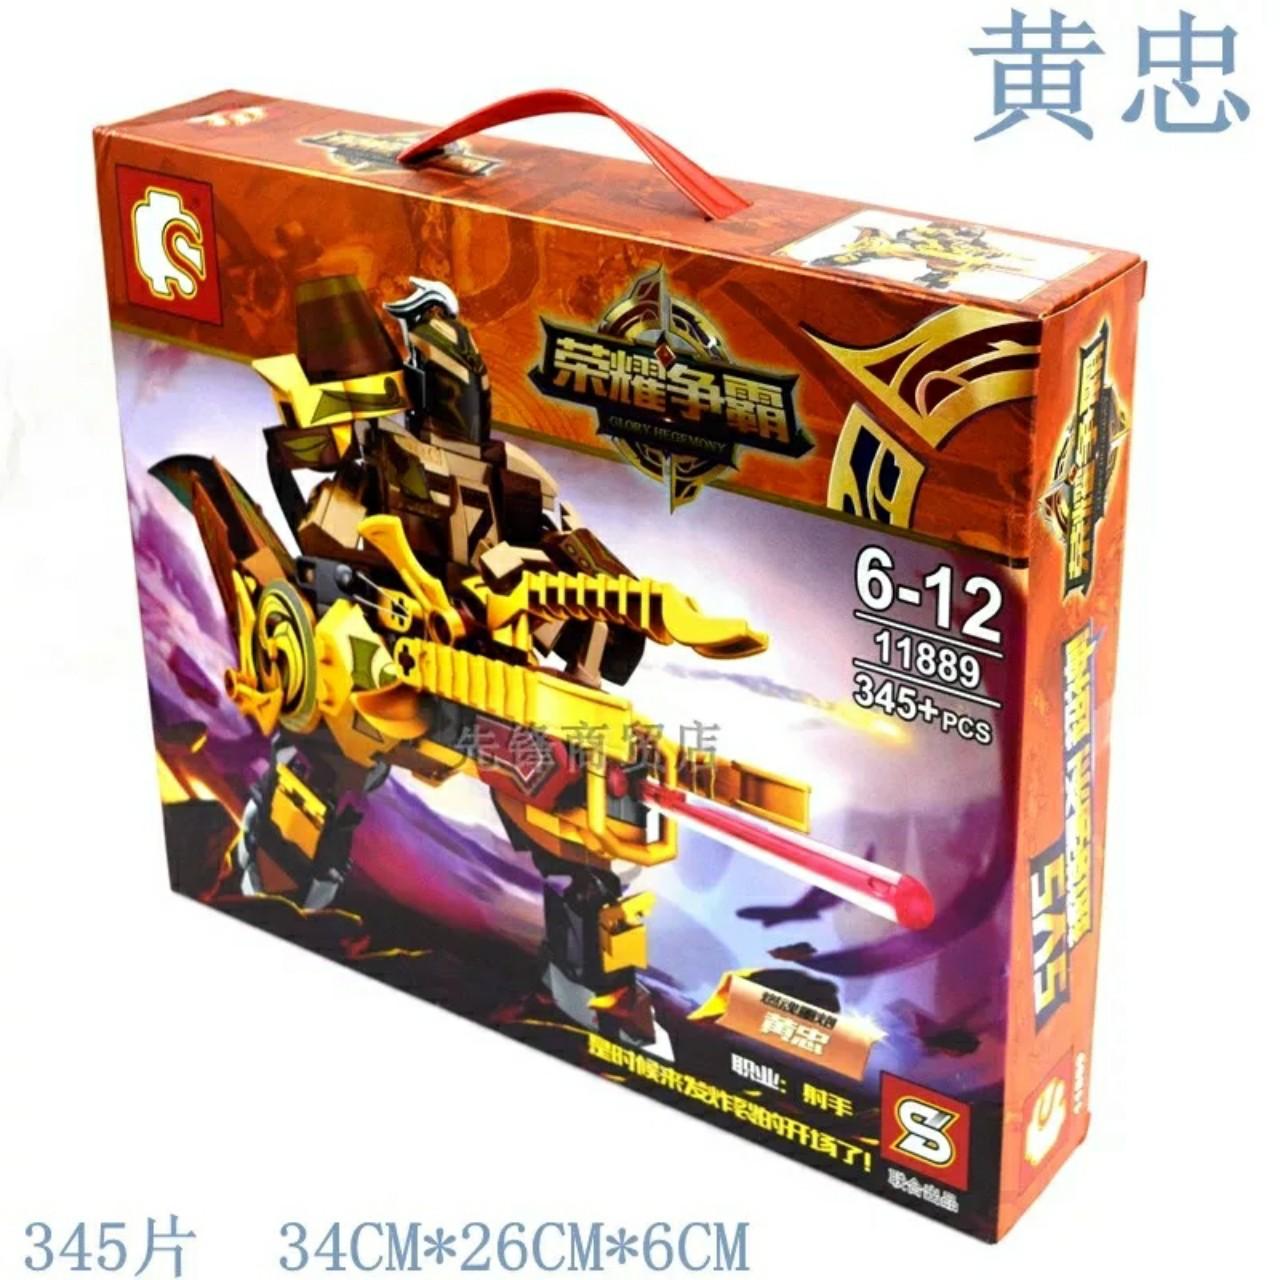 Lego Liên quân Quyền Bá Chủ Vinh Quang Huang Tsai - Sembo 11889